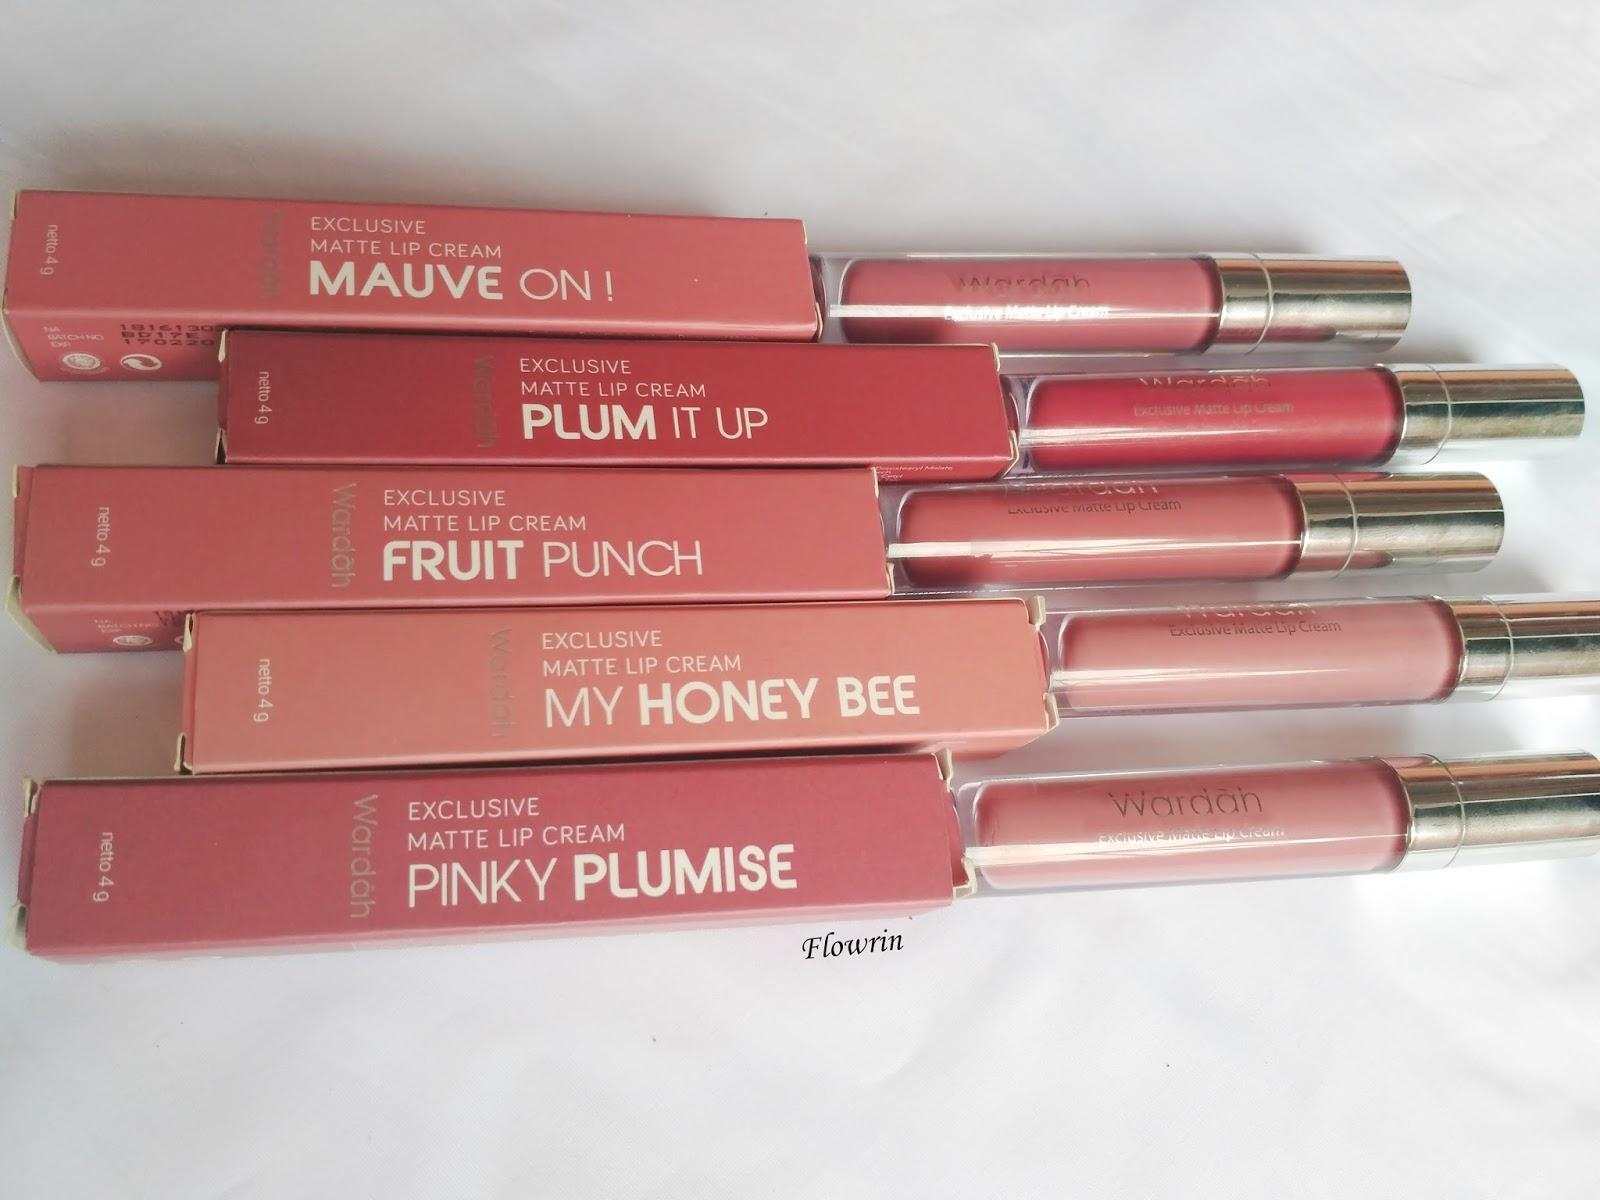 Flowrins Note Review Wardah Exclusive Matte Lip Cream No 912 La Tulipe Stay Lipcream Atau Latulipe Comparison